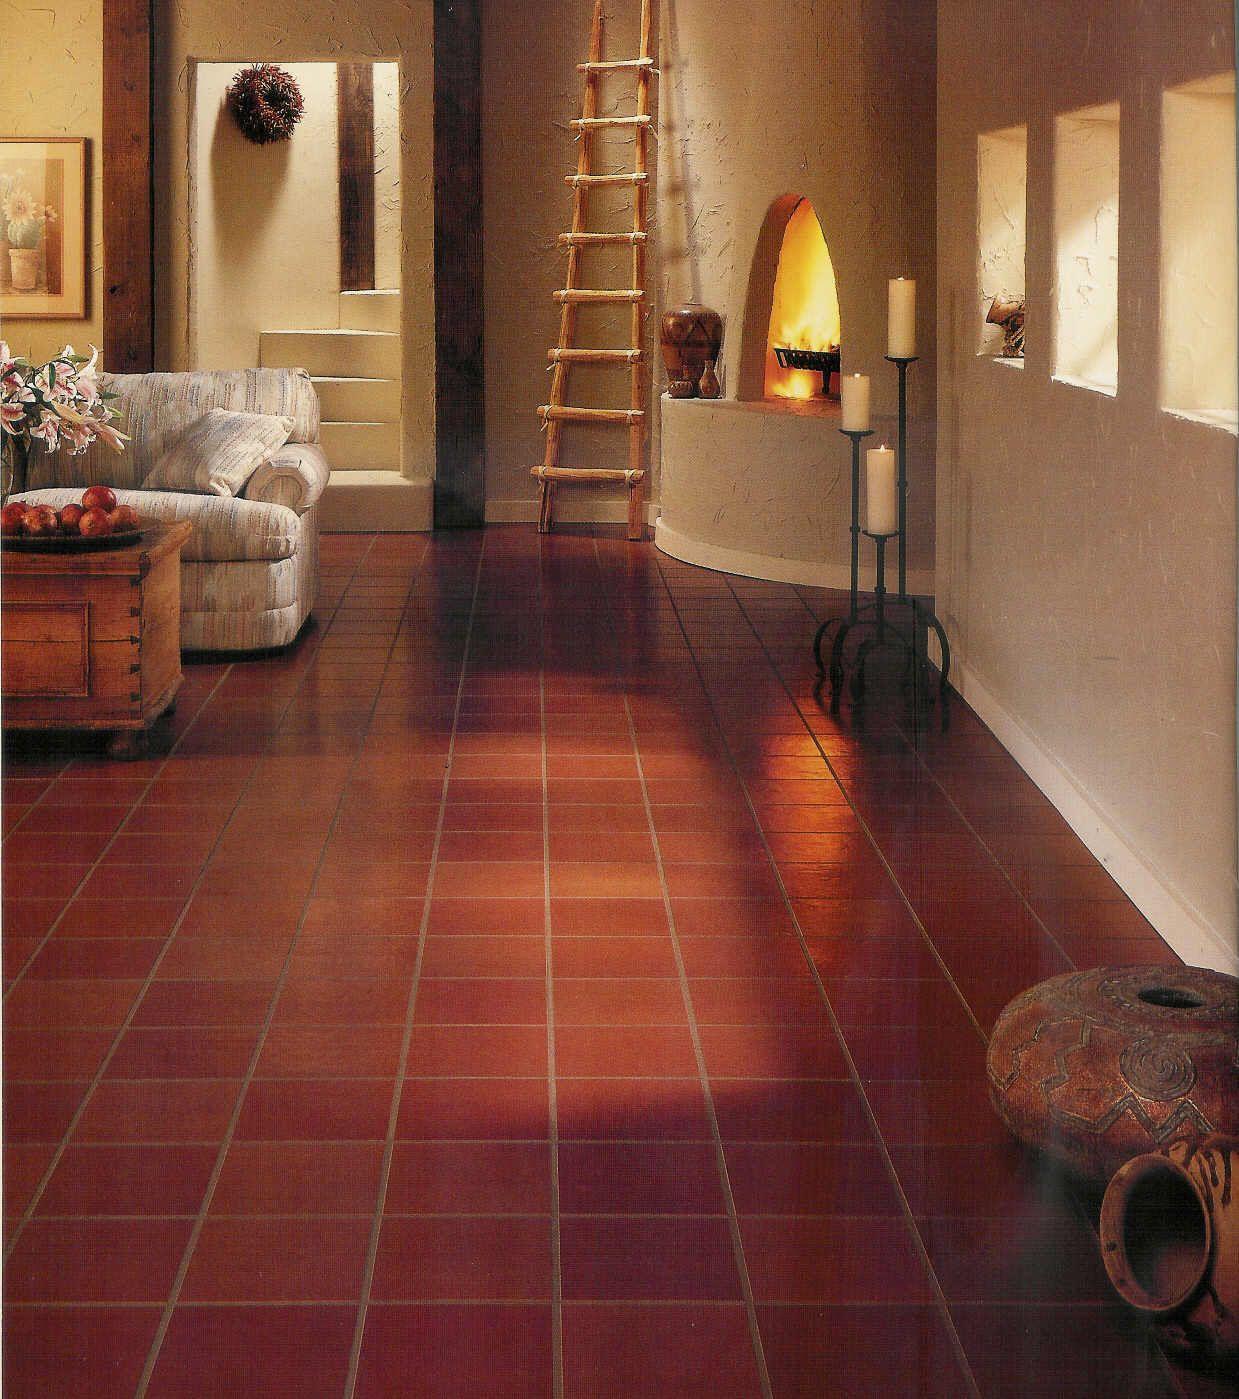 Home Depot Financing Kitchen Remodel Cabinet Pantry Vinyl Flooring Or Tiles Tile Design Ideas